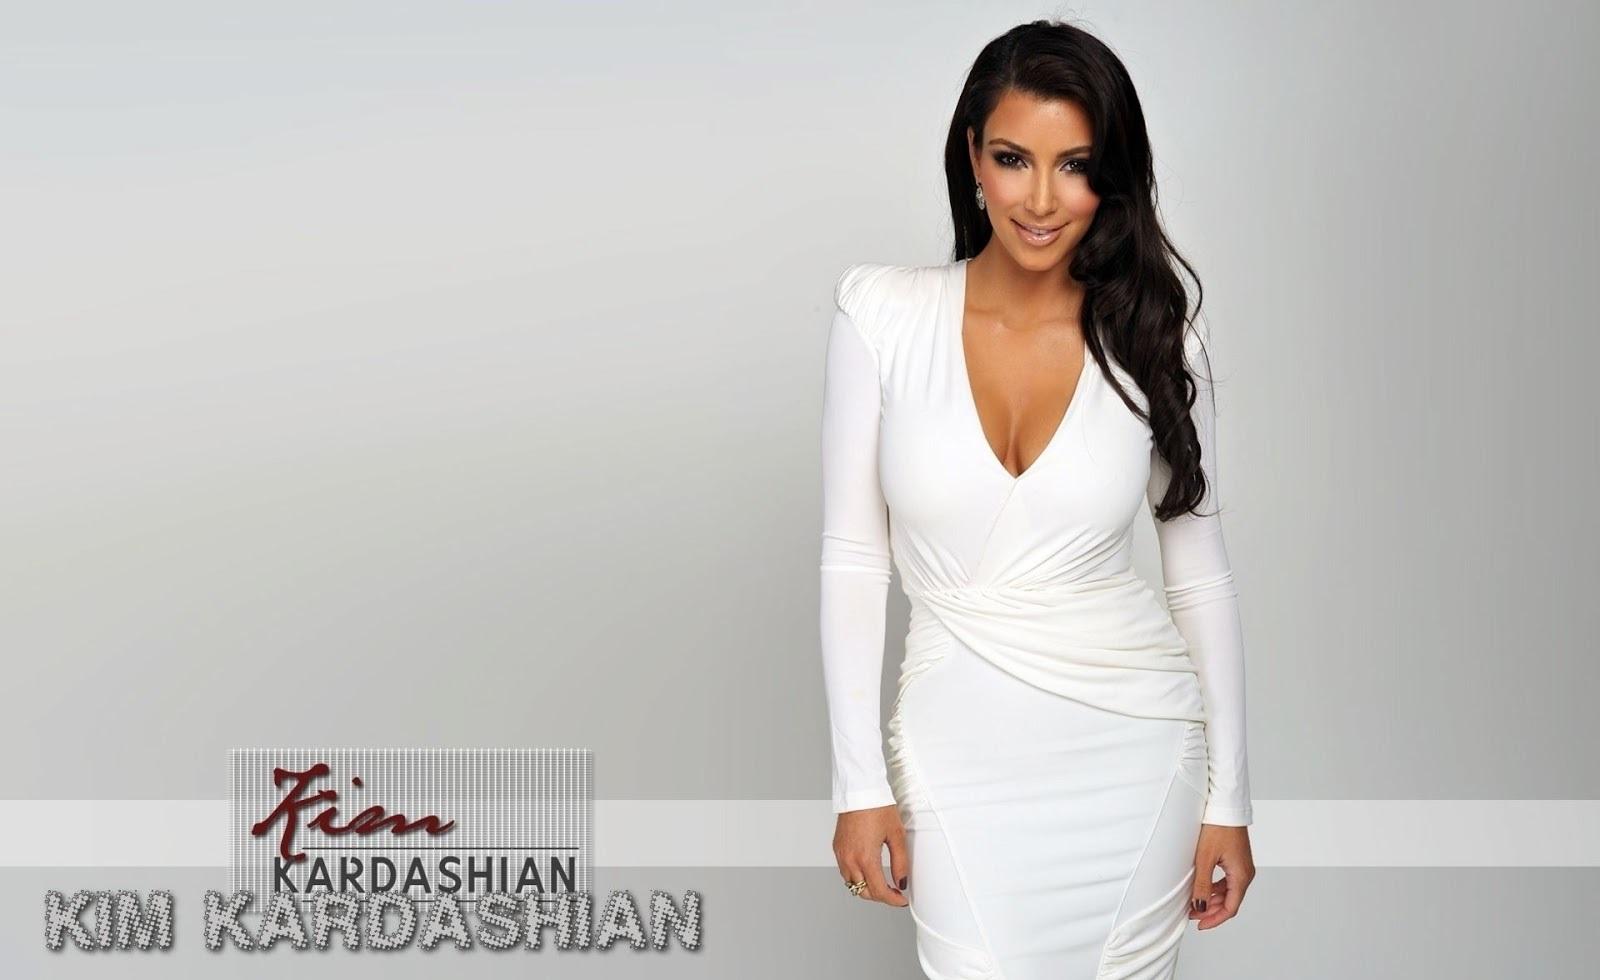 Kim Kardashian Hot Leaked Photos, Pictures-4433